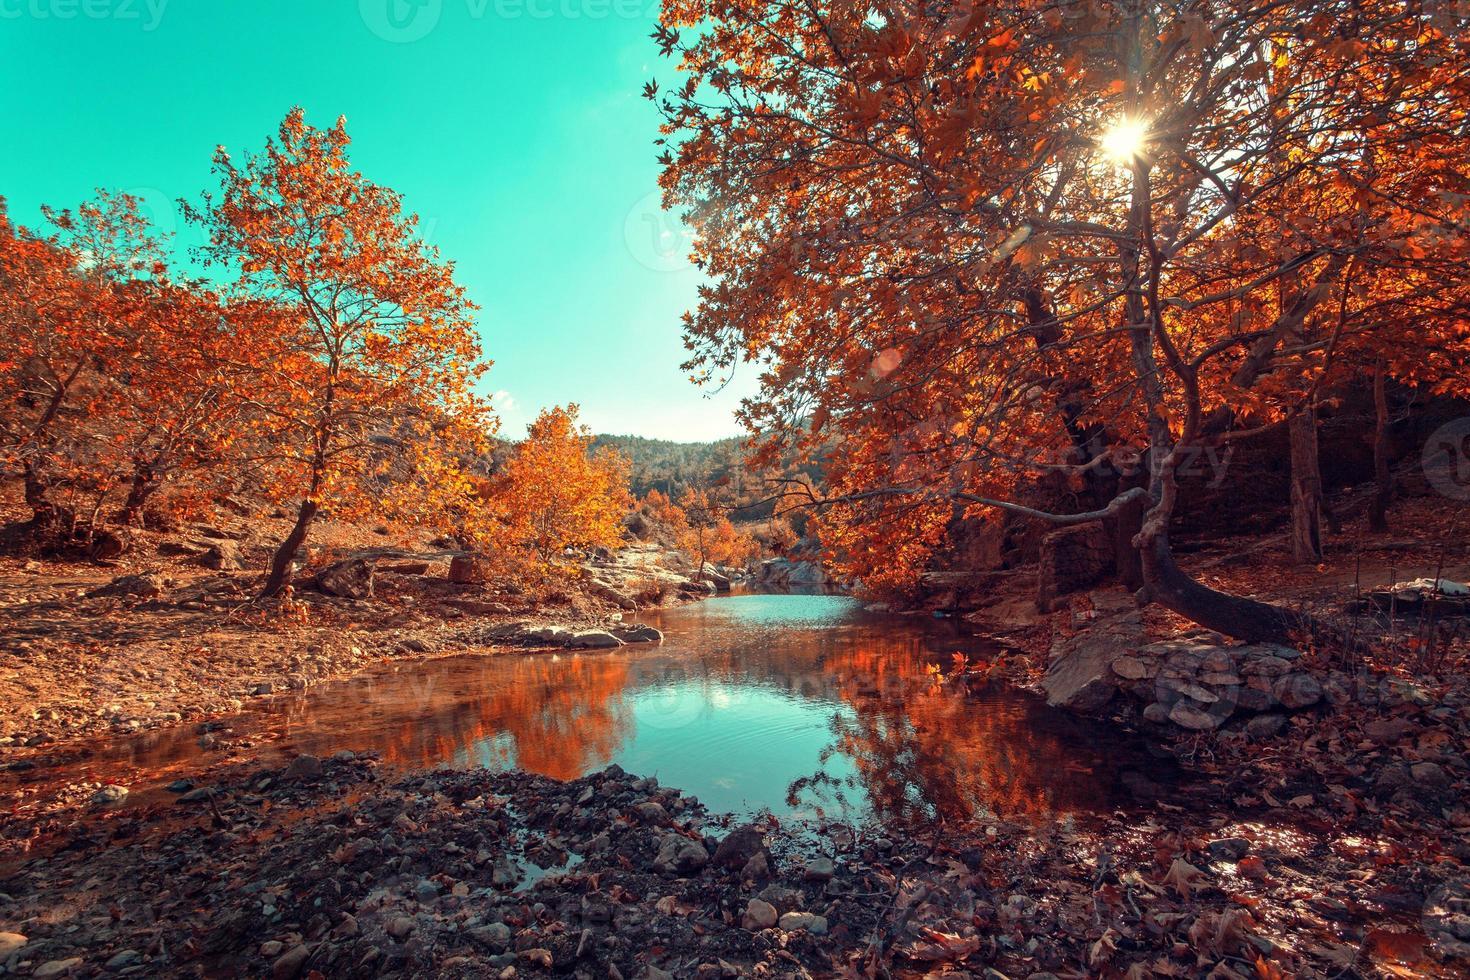 dia de sol no outono perto de um rio pequeno foto